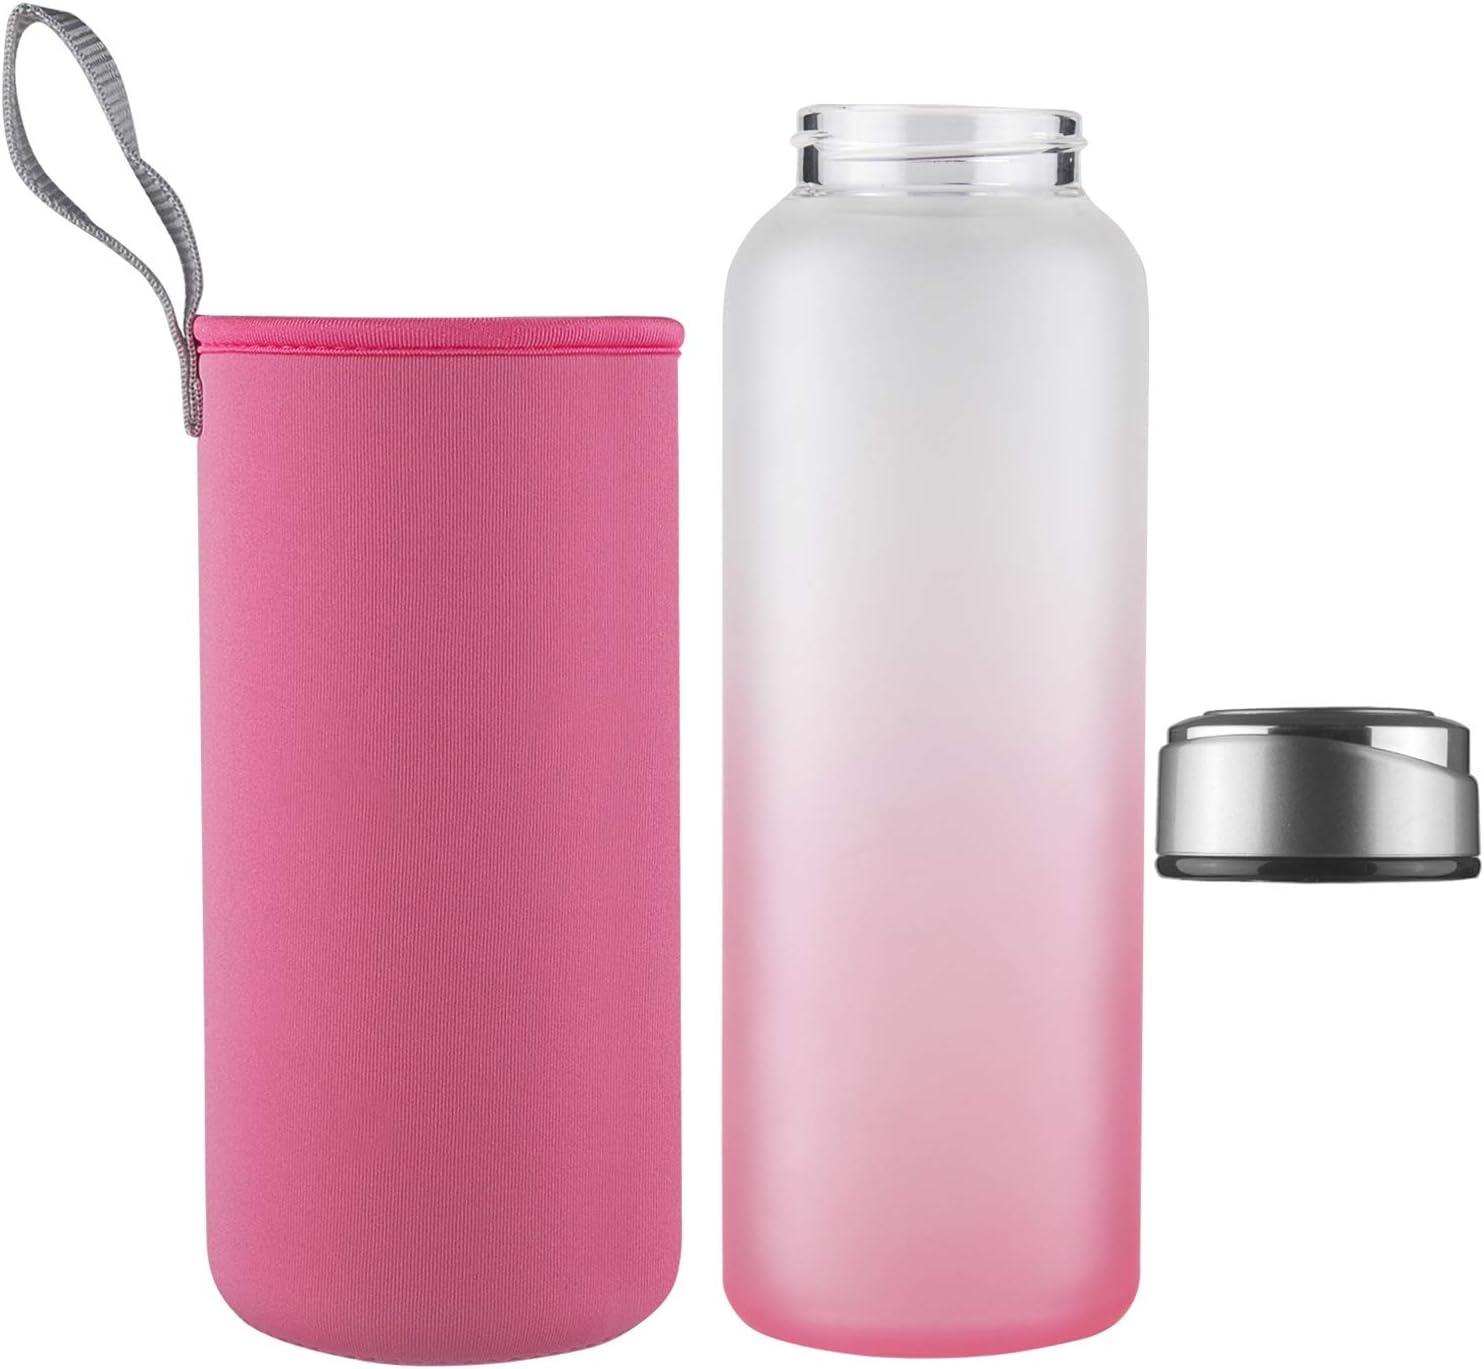 1 Liter DEARRAY Sport Glas Trinkflasche 1000ml Borosilikatglas Wasserflasche mit Neoprenh/ülle und Stilvollem Edelstahldeckel